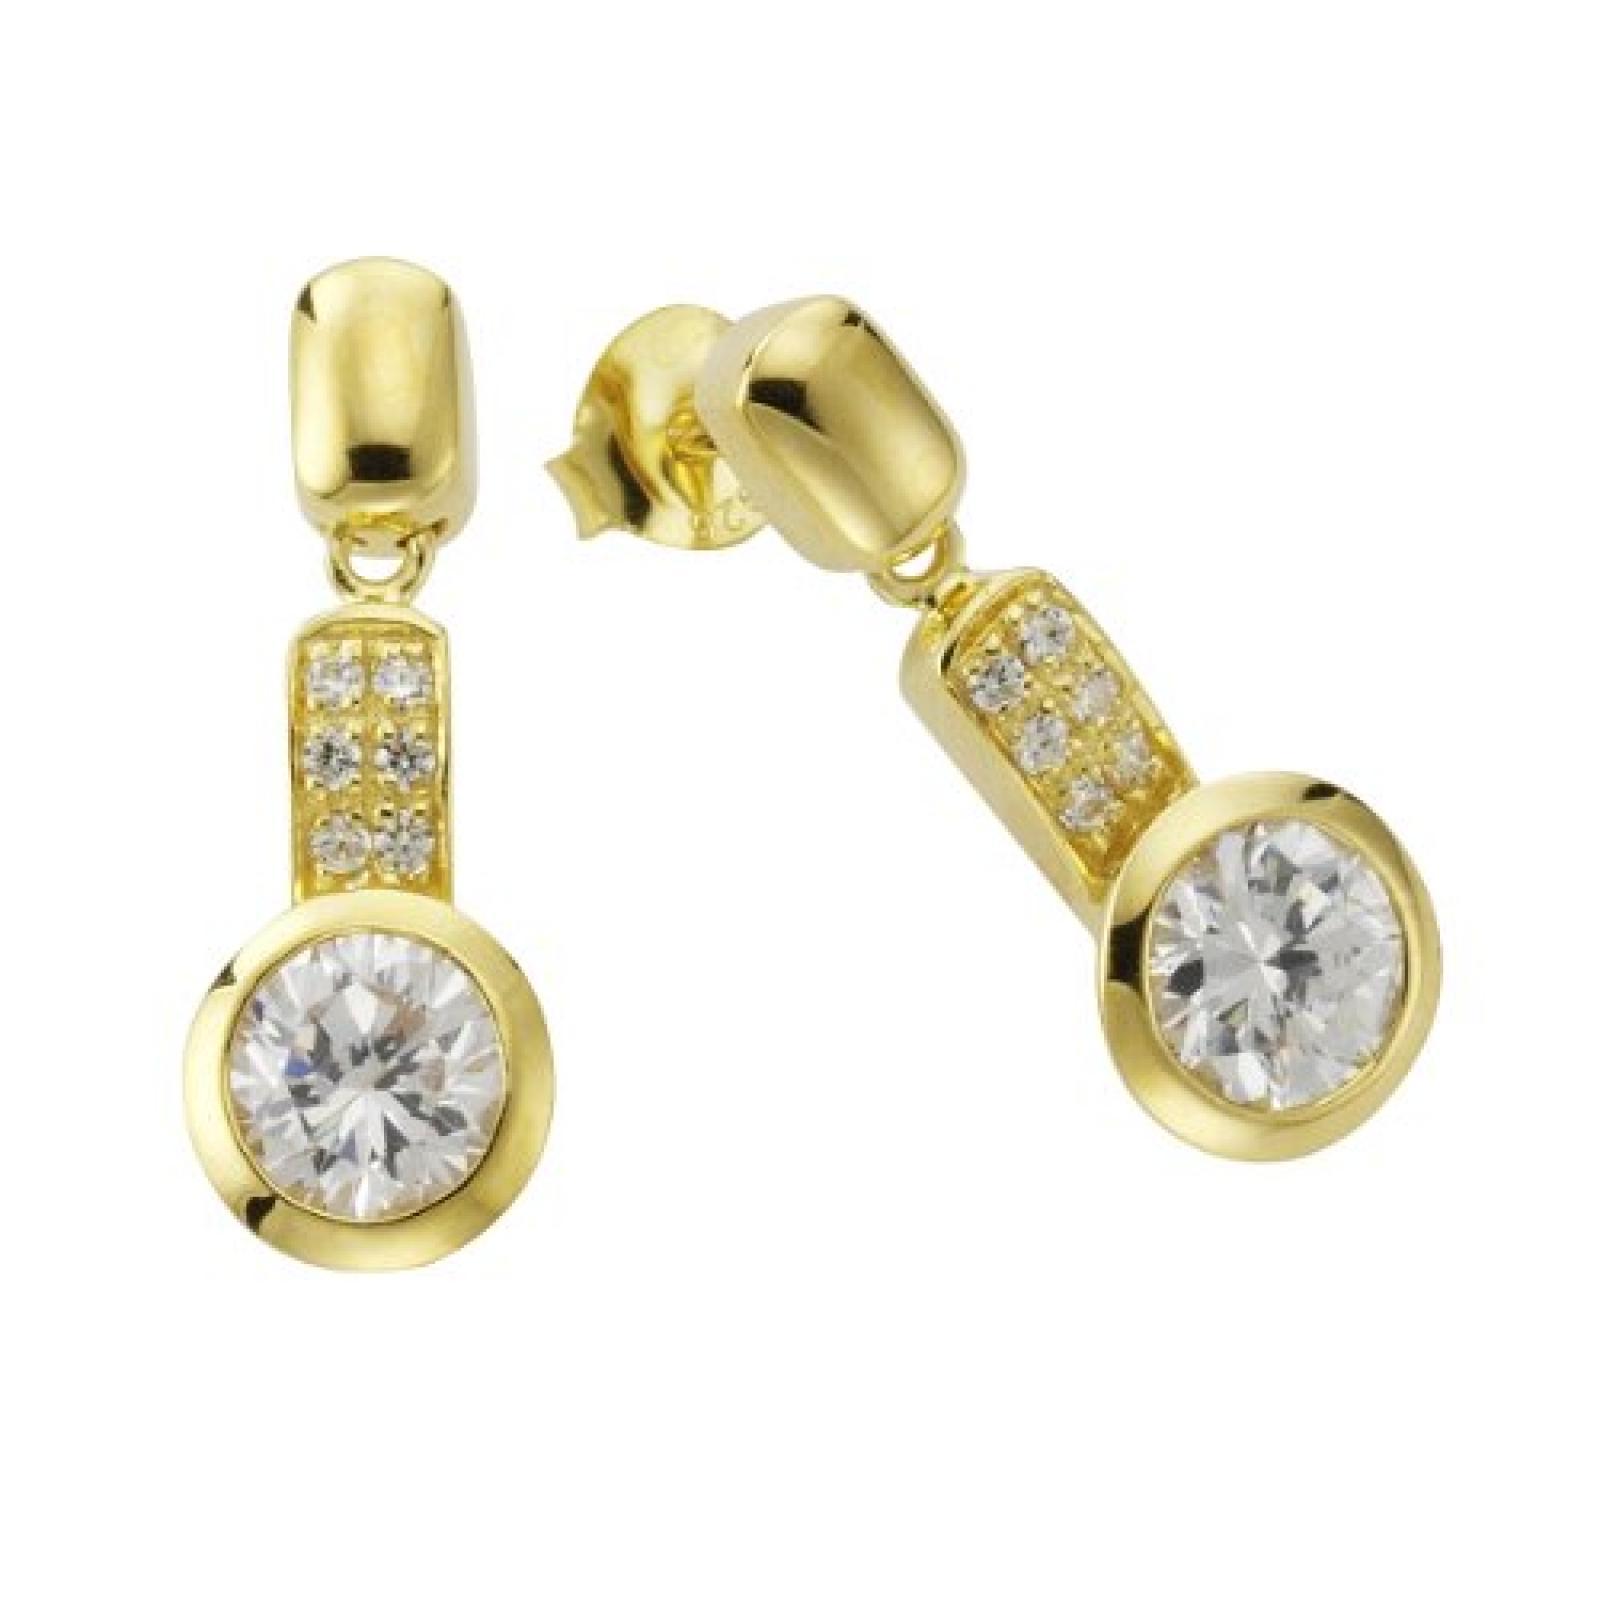 Celesta Damen-Ohrhänger 925 Sterling Silber vergoldet Zirkonia weiß 273220445-1L